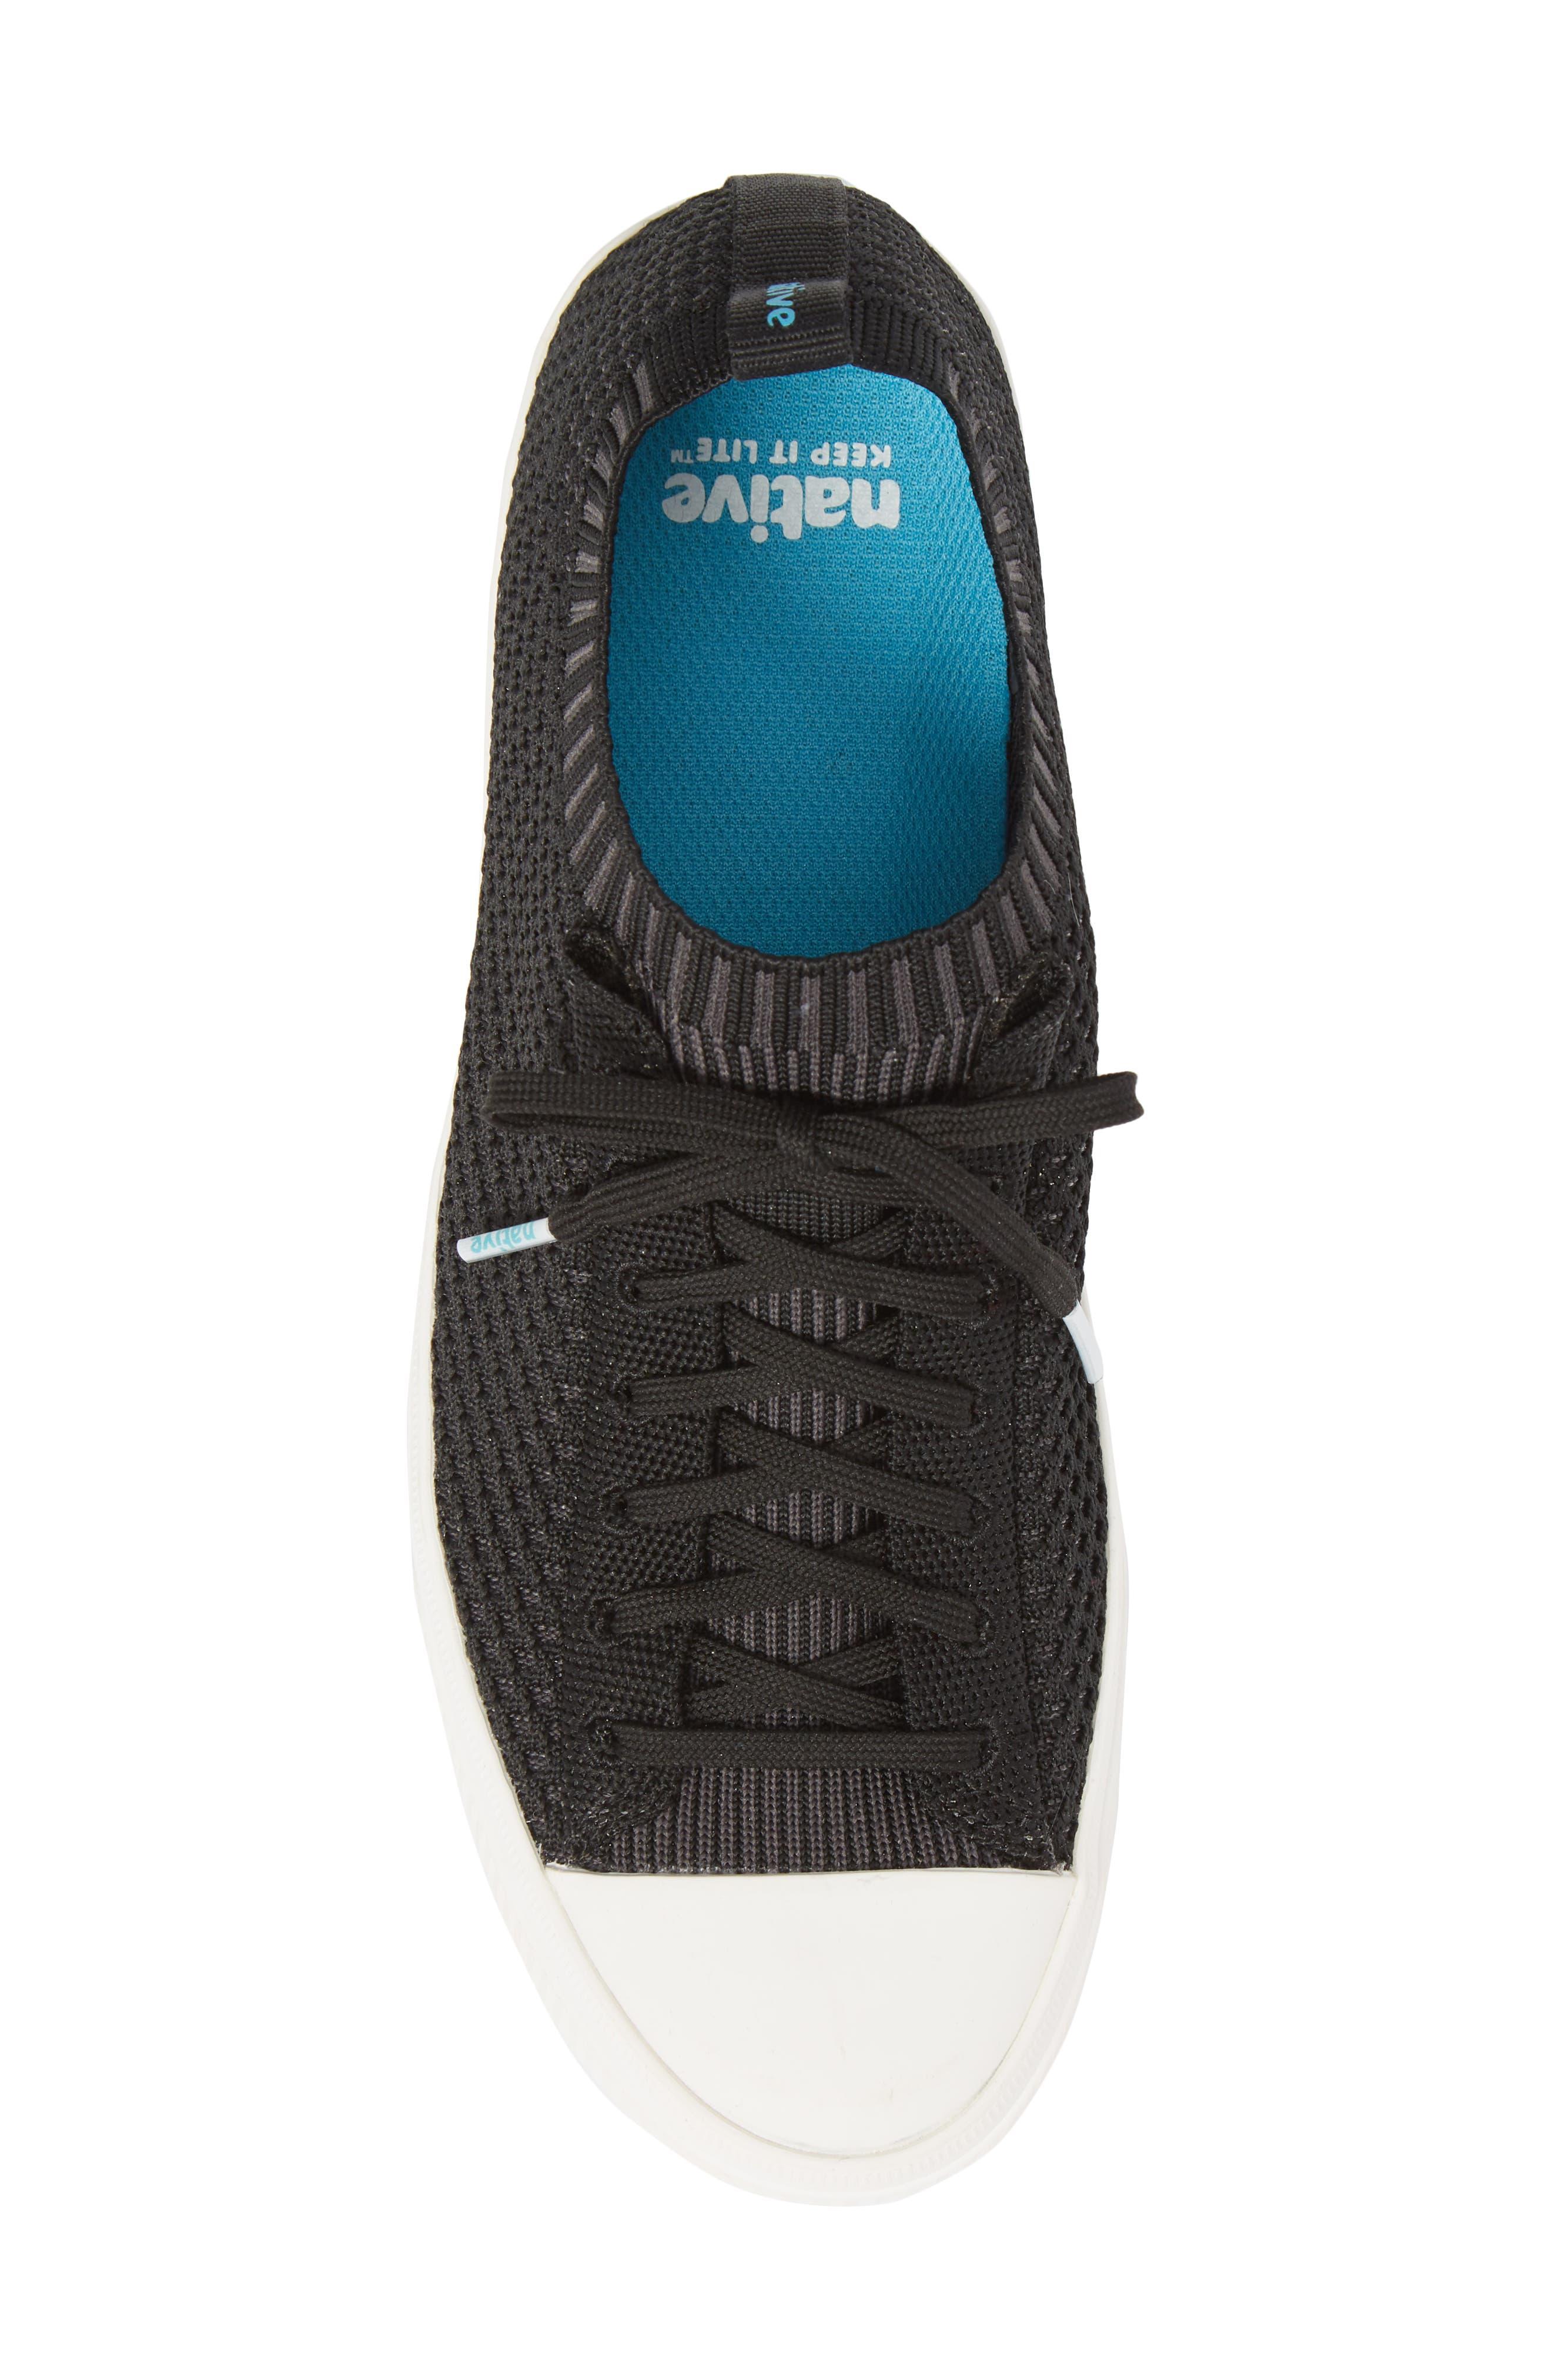 Jefferson 2.0 Liteknit Lace-Up Sneaker,                             Alternate thumbnail 5, color,                             JIFFY BLACK/ SHELL WHITE